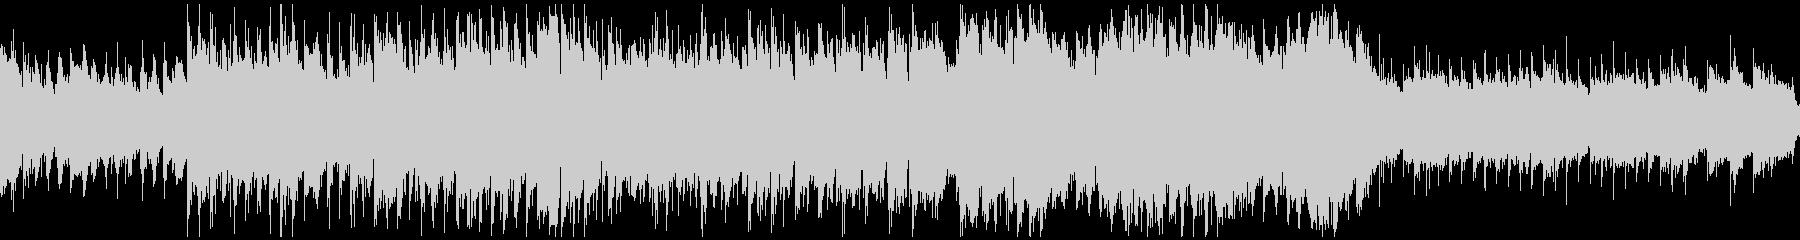 シネマティック造語BGMテンポ遅・ループの未再生の波形